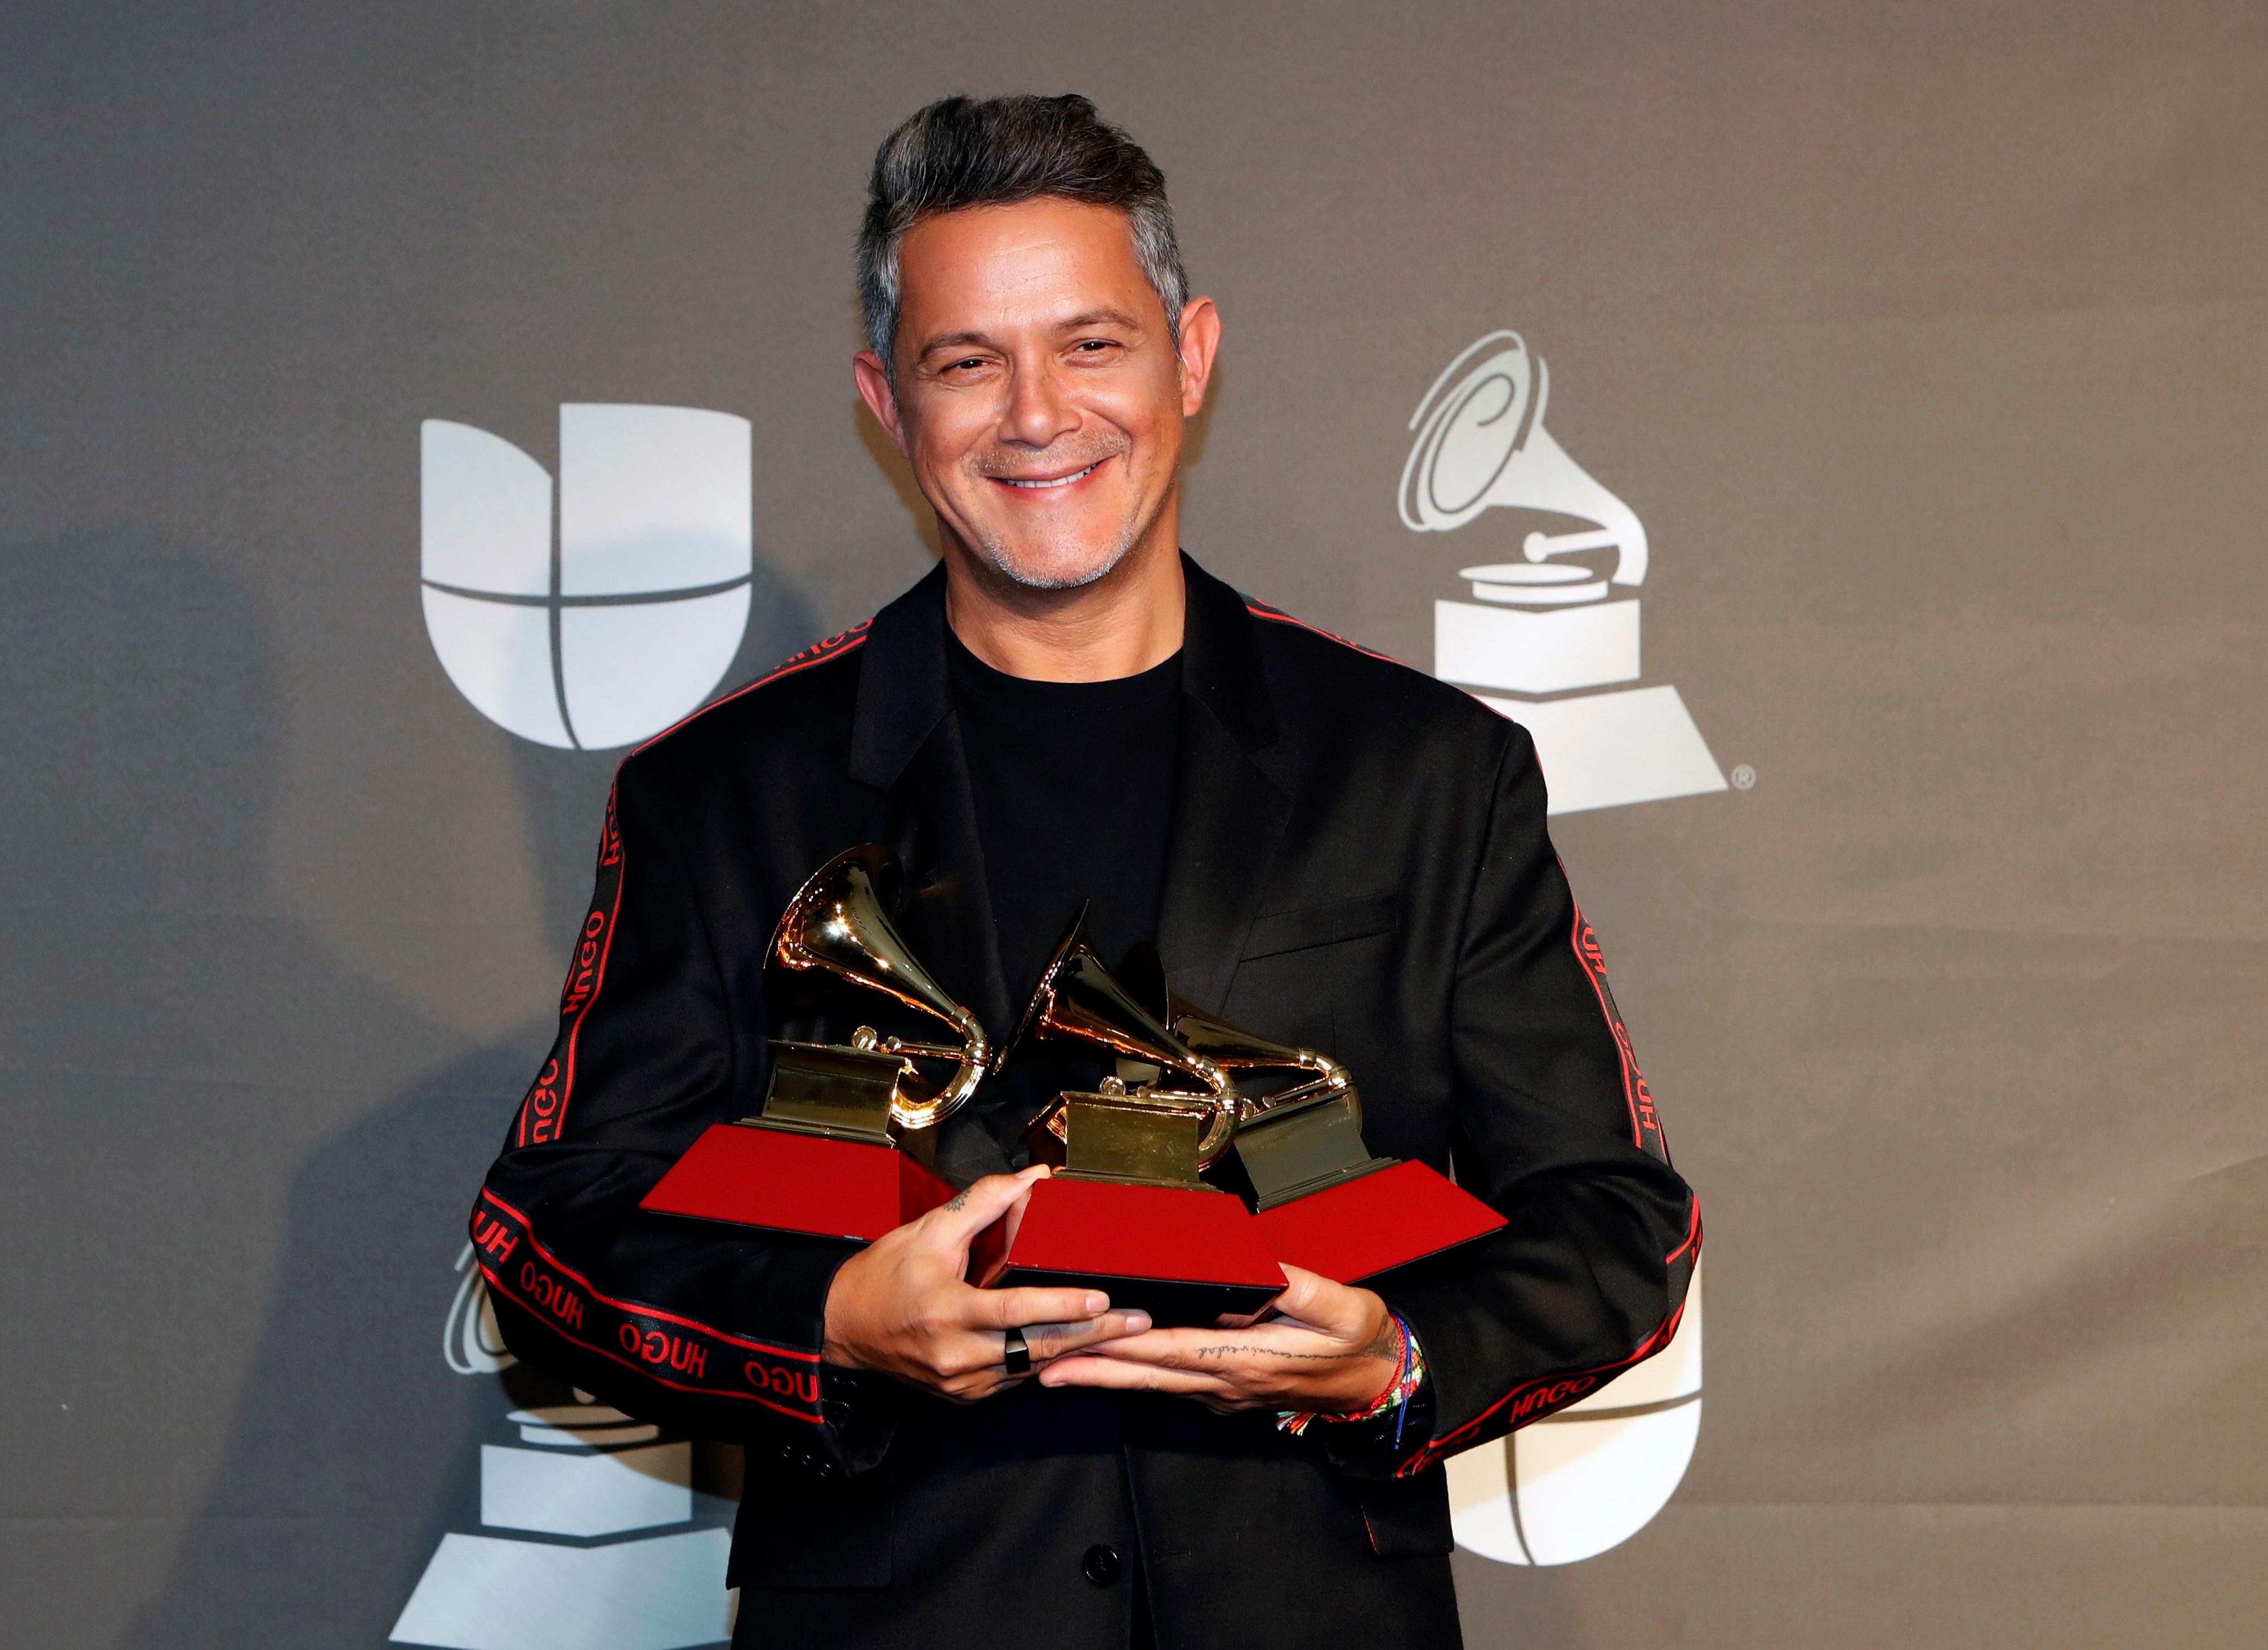 El cantante español, Alejandro Sanz, luce con orgullo sus canas. (Archivo)